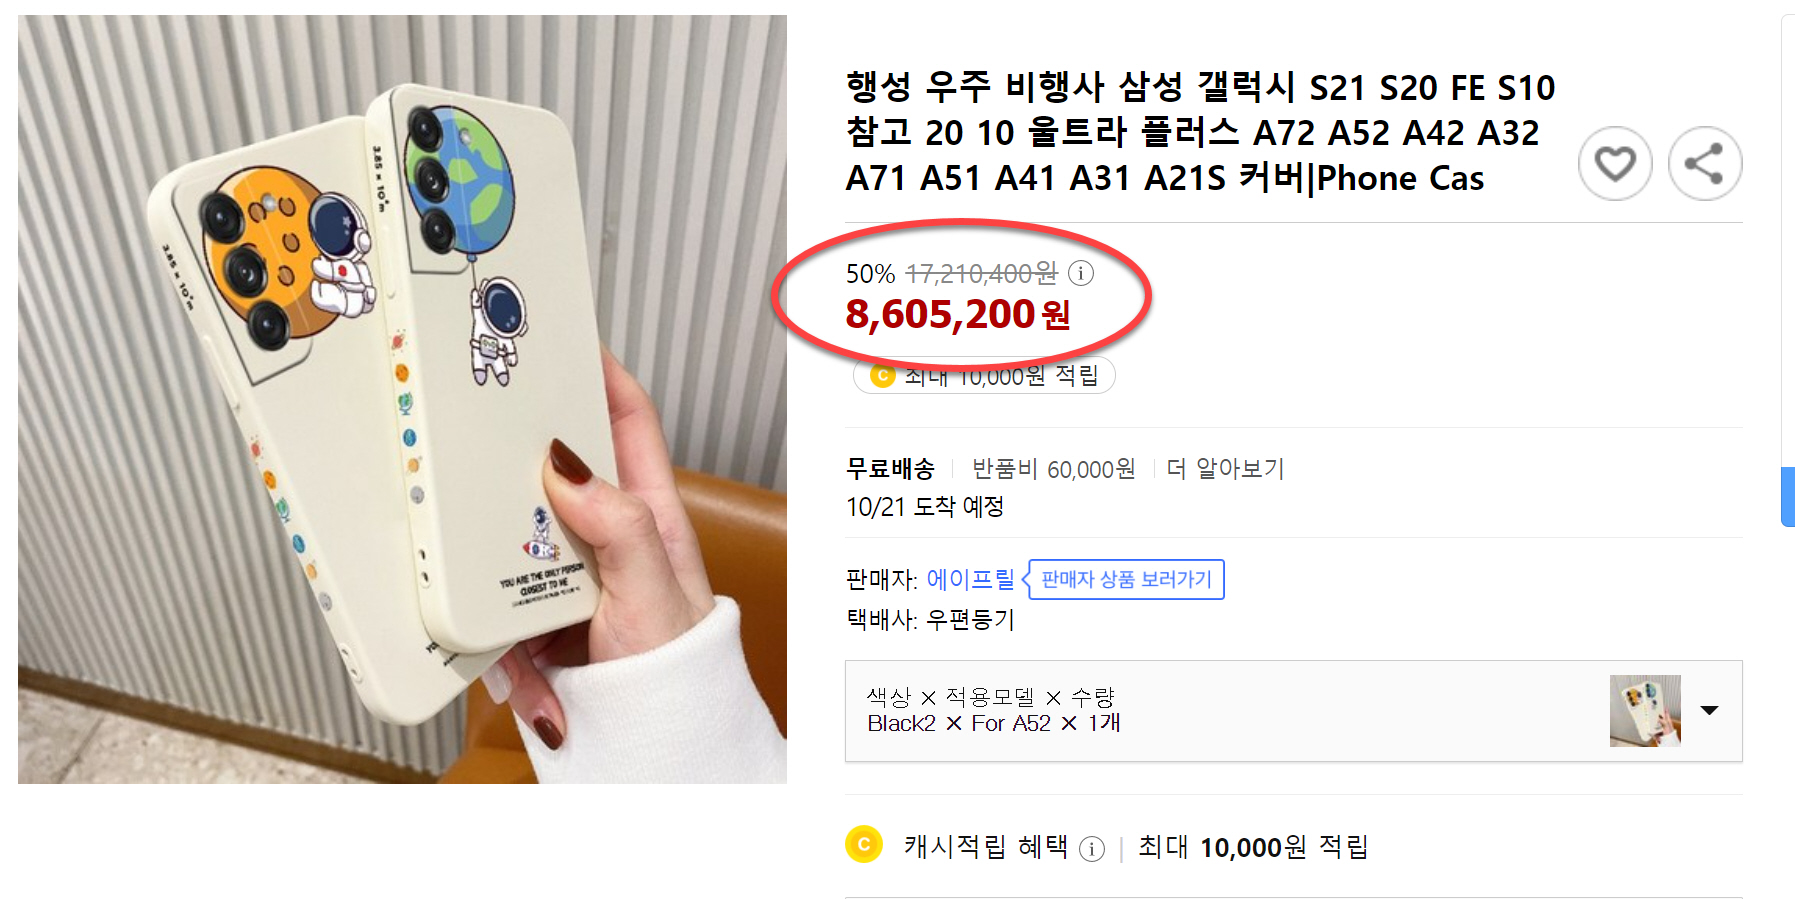 쿠팡에 800만 원짜리 핸드폰 케이스와 10억짜리 상품이 판매되고 있네요